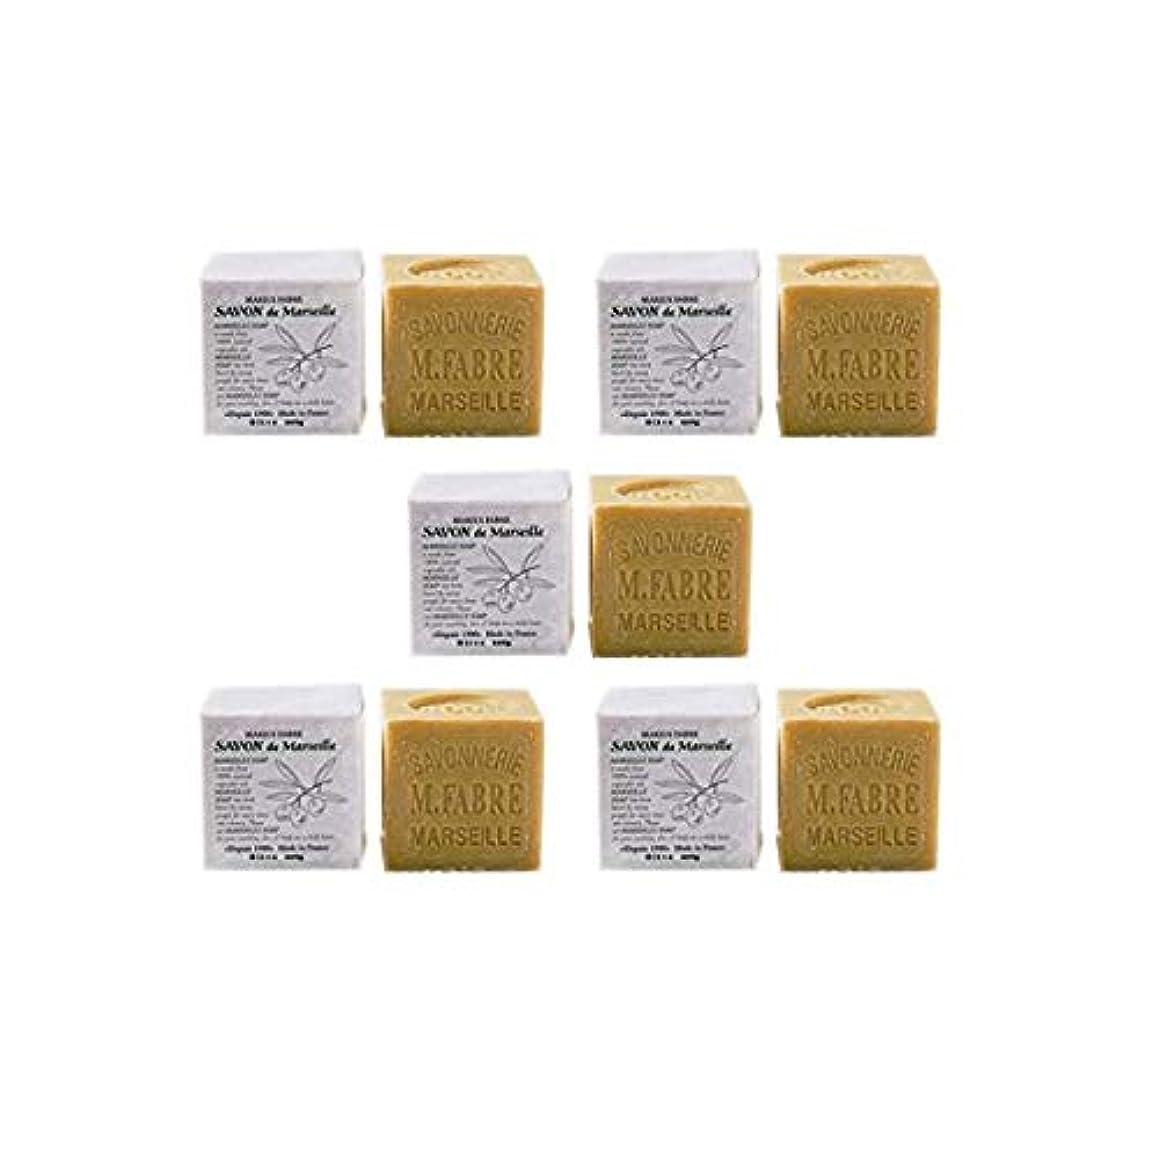 悪用中でカウンタマリウスファーブルジューン サボンドマルセイユ無香料200gオリーブN 5個セット(200g×5個)無添加オリーブ石鹸